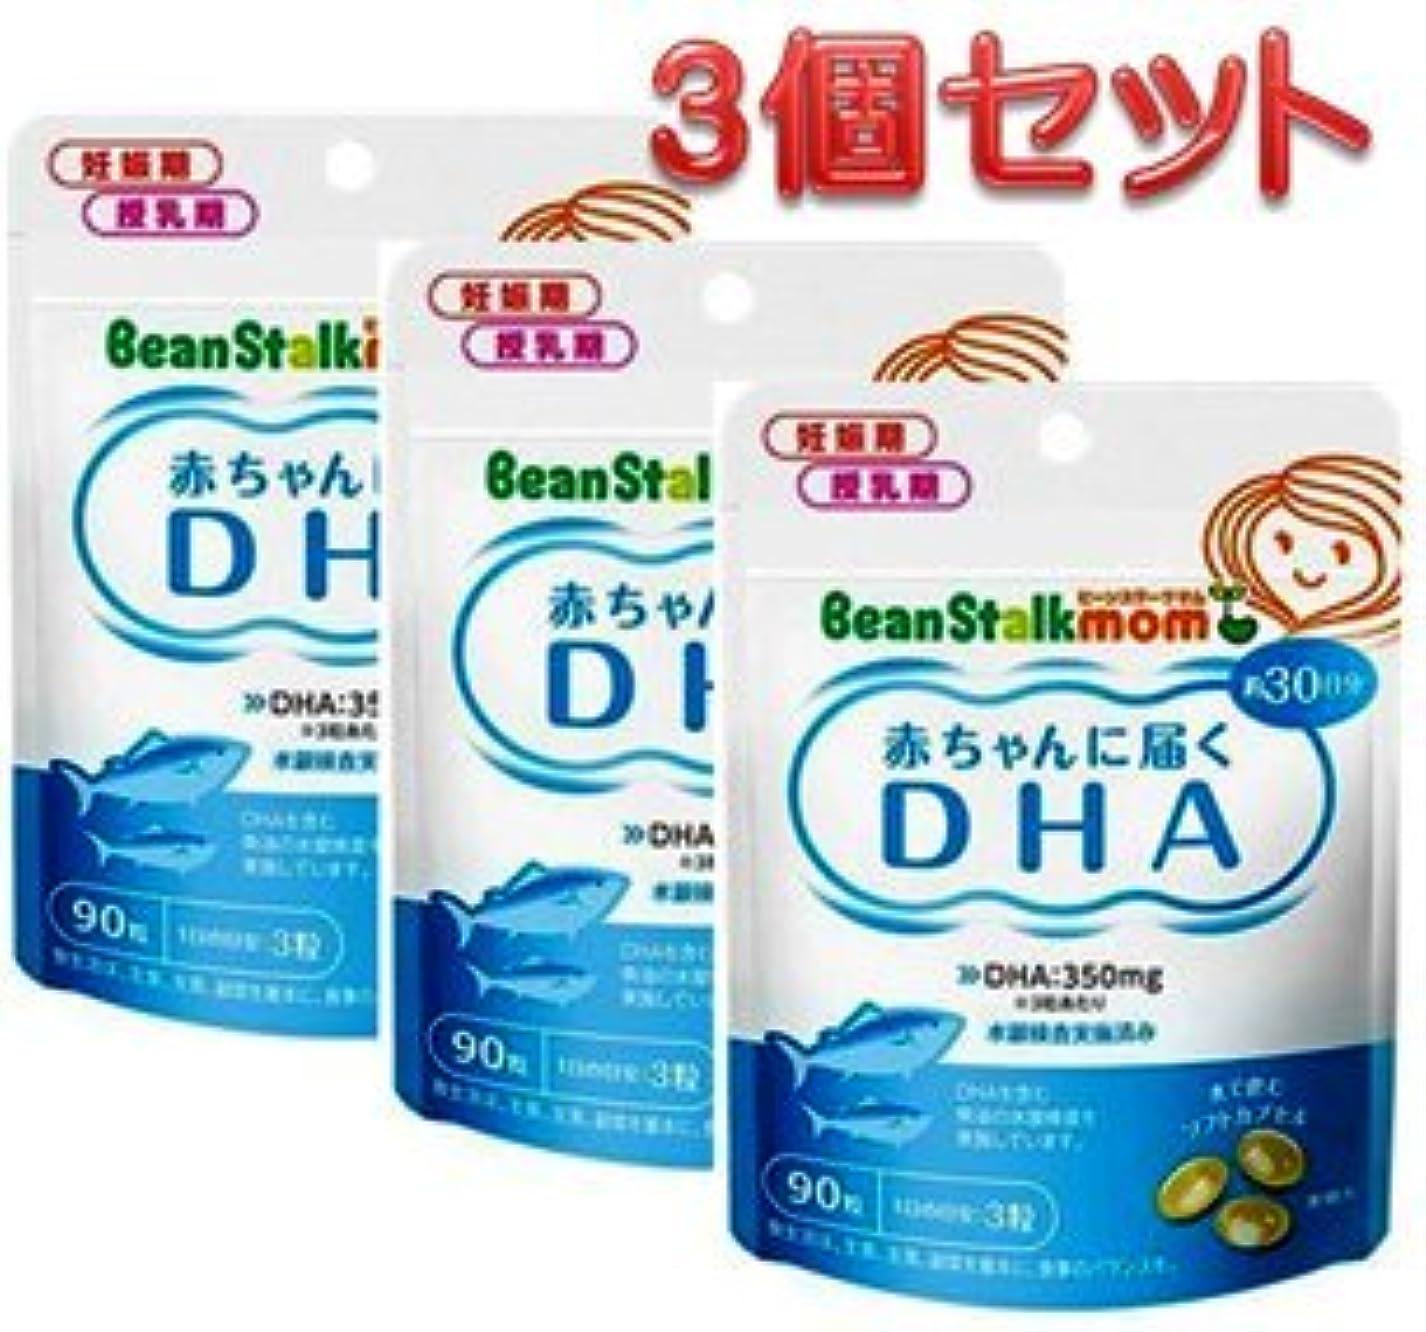 破滅フォーマルキャストビーンスターク?スノー ビーンスタークマム 母乳にいいもの赤ちゃんに届くDHA90粒(30日分) ×3個セット3か月分